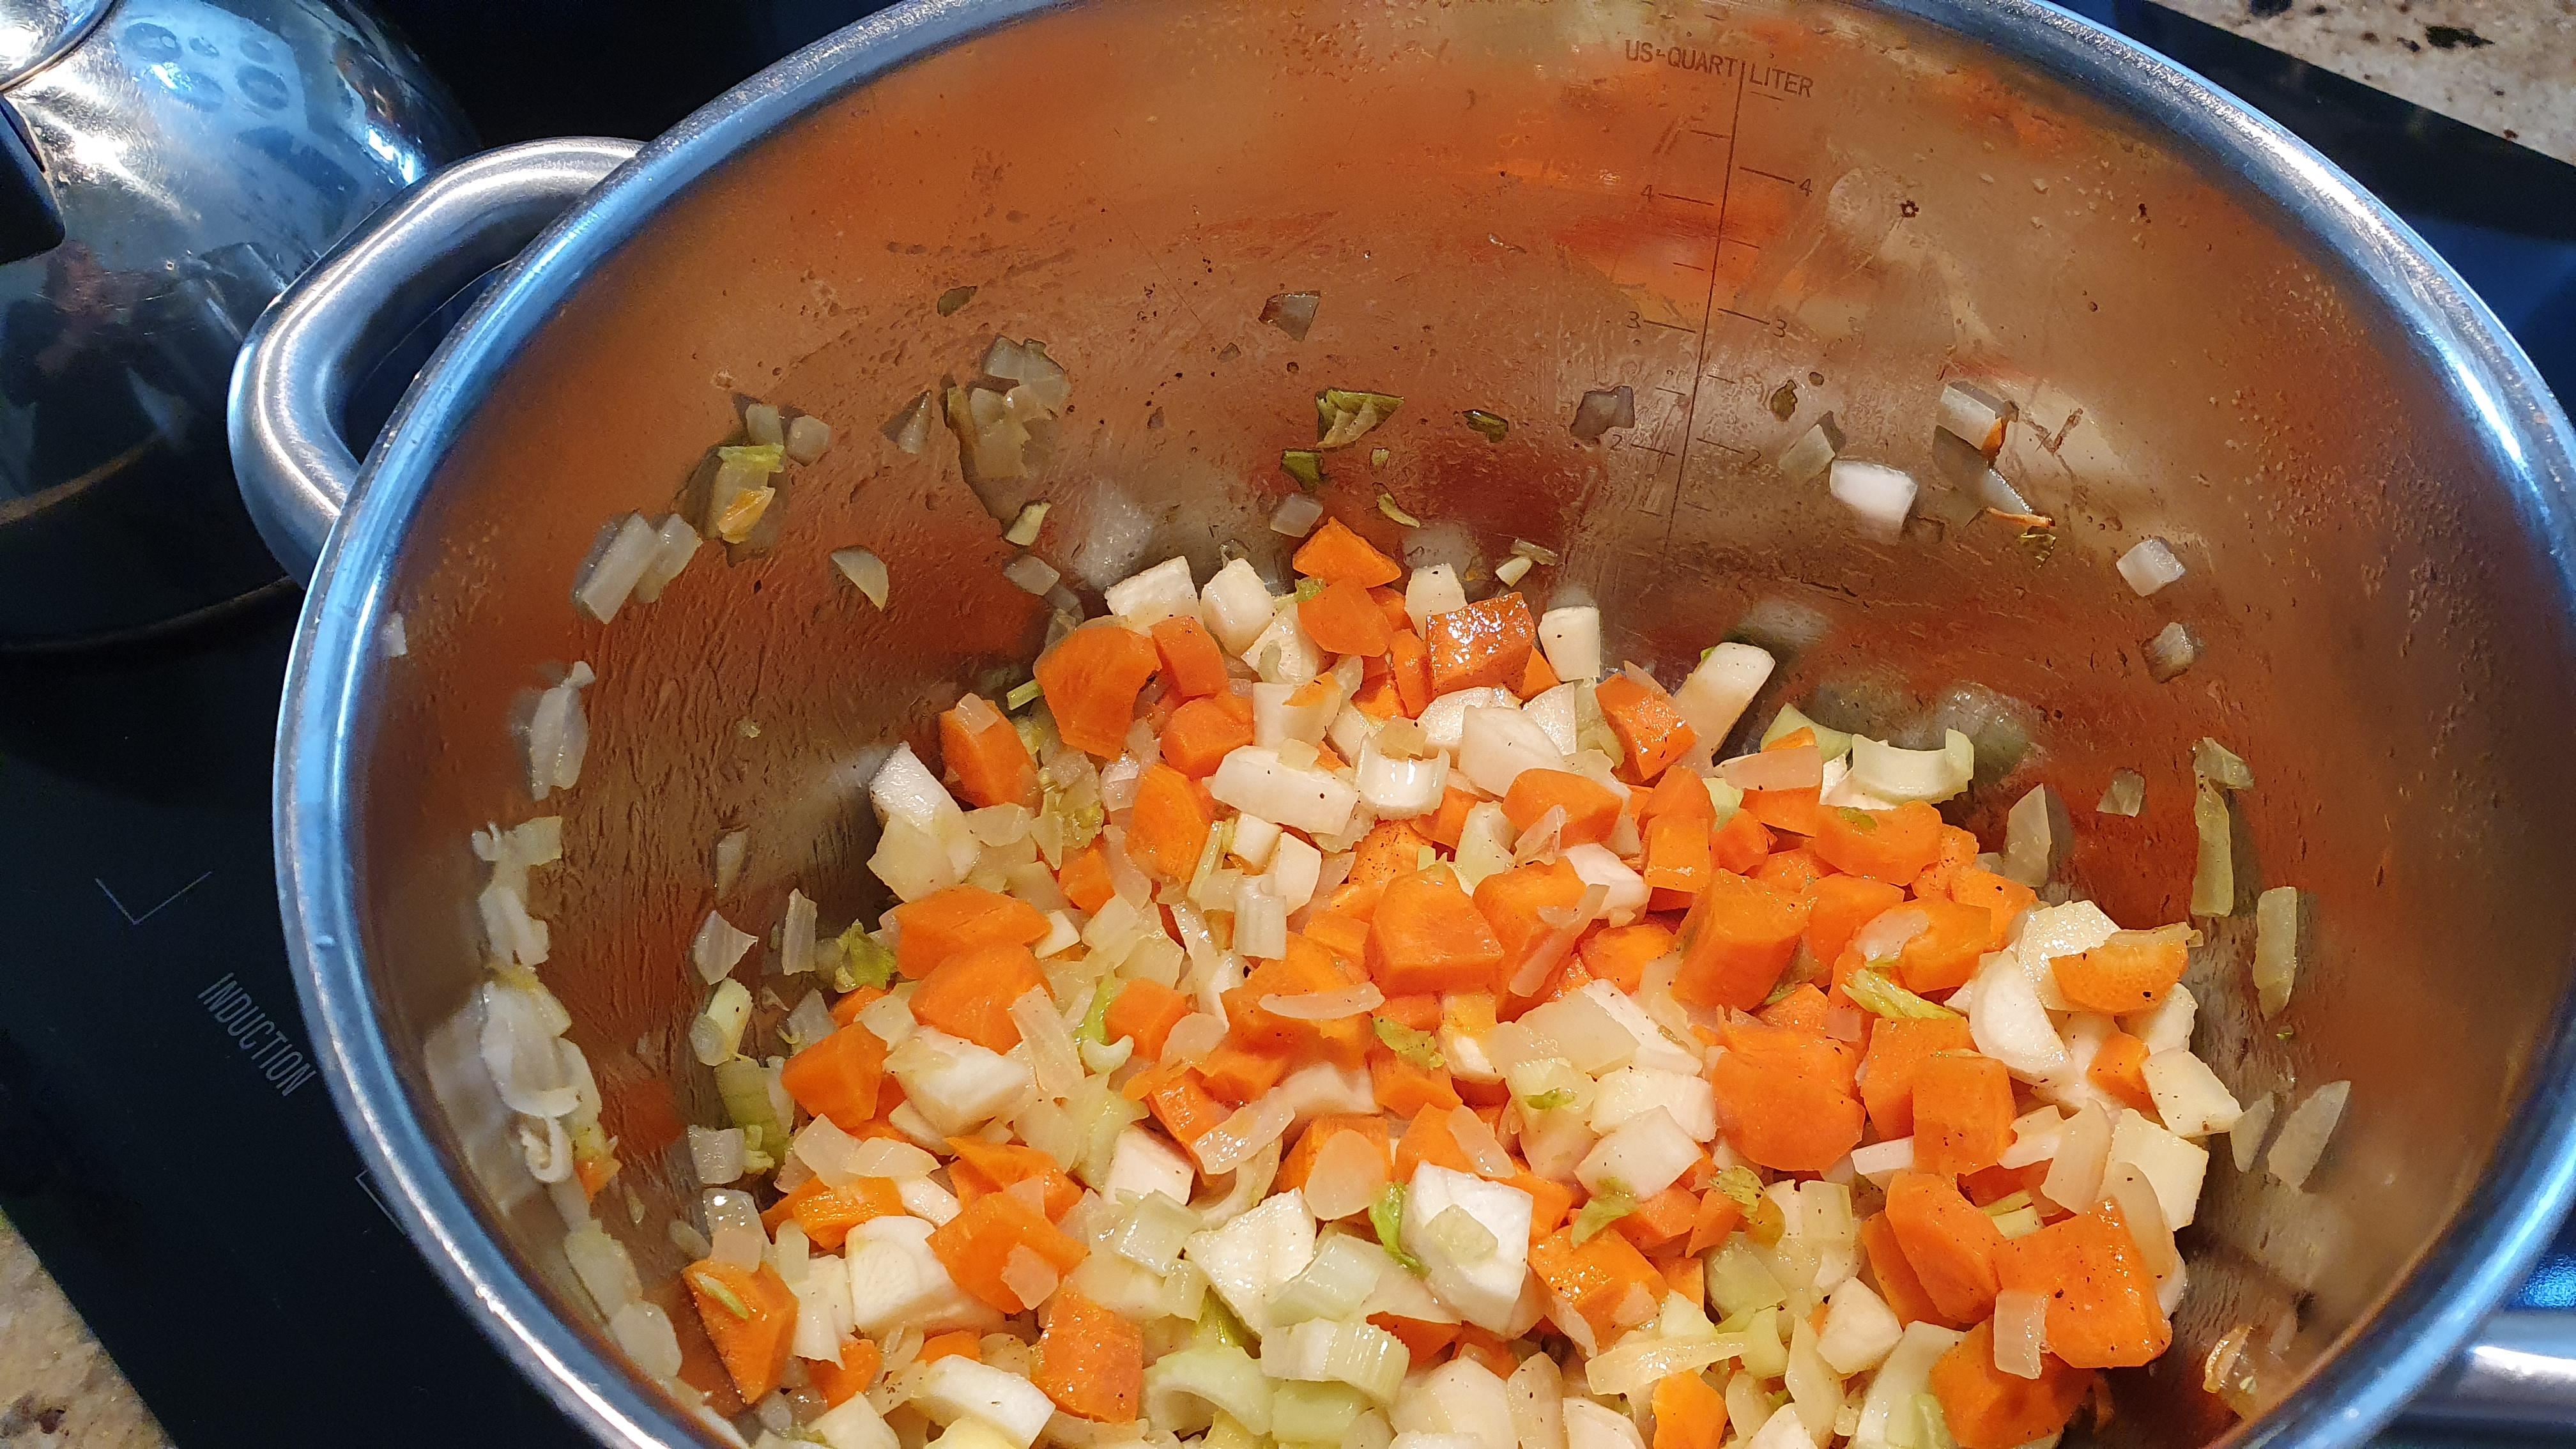 Na olivovom oleji si speníme cibuľu, pridáme na kocky nakrájanú zeleninu (mrkva, petržlen, zeler) a spolu osmažíme 2-3 minútky a zalejeme dvoma litrami horúcej vody. Prihodíme tri celé strúčiky cesnaku. Osolíme, okoreníme a necháme variť asi hodinu.